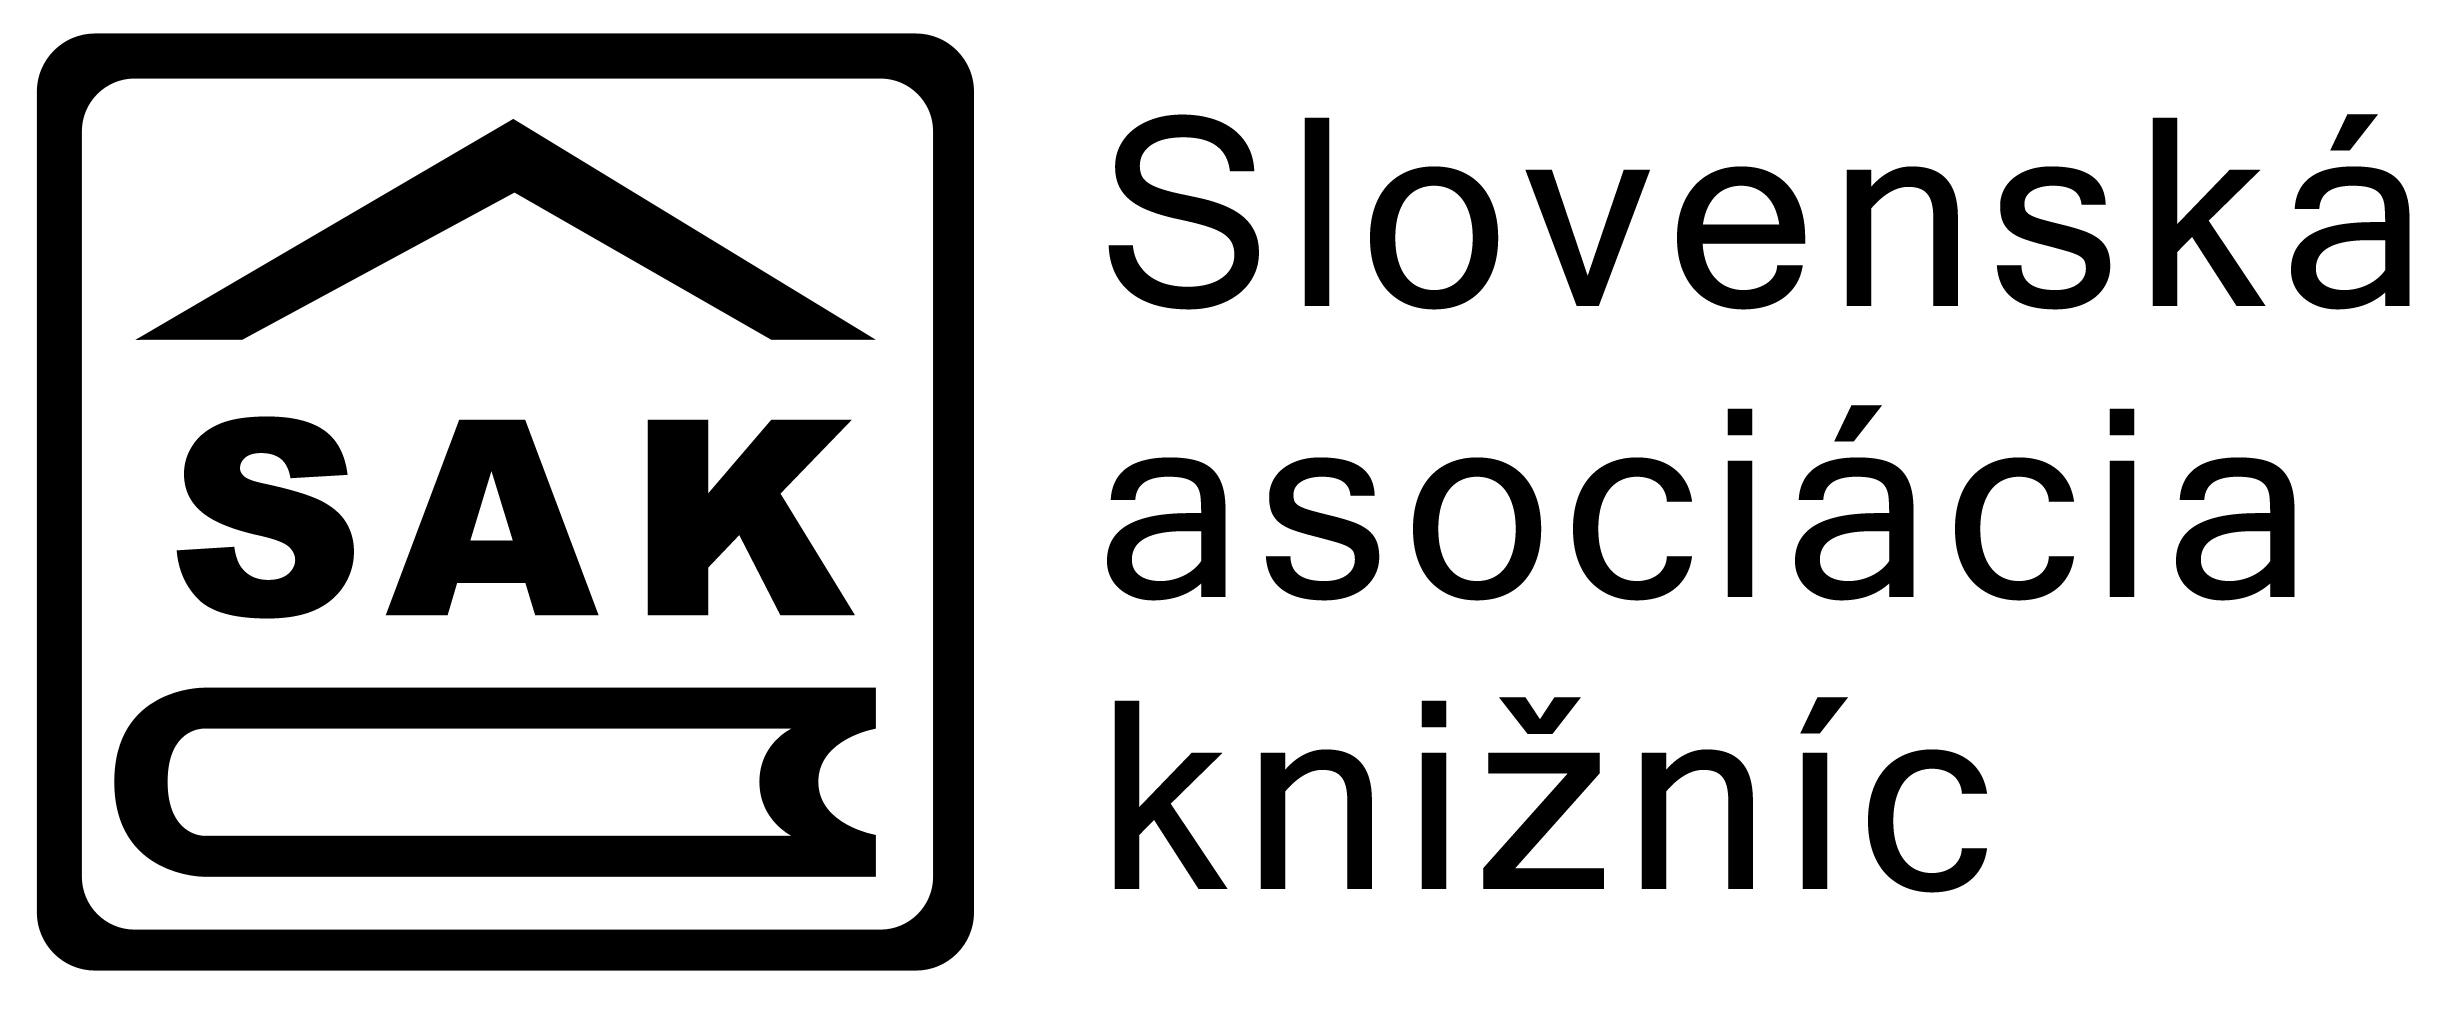 https://www.kniznicapetrzalka.sk/wp-content/uploads/2019/09/sak_cierne.jpg